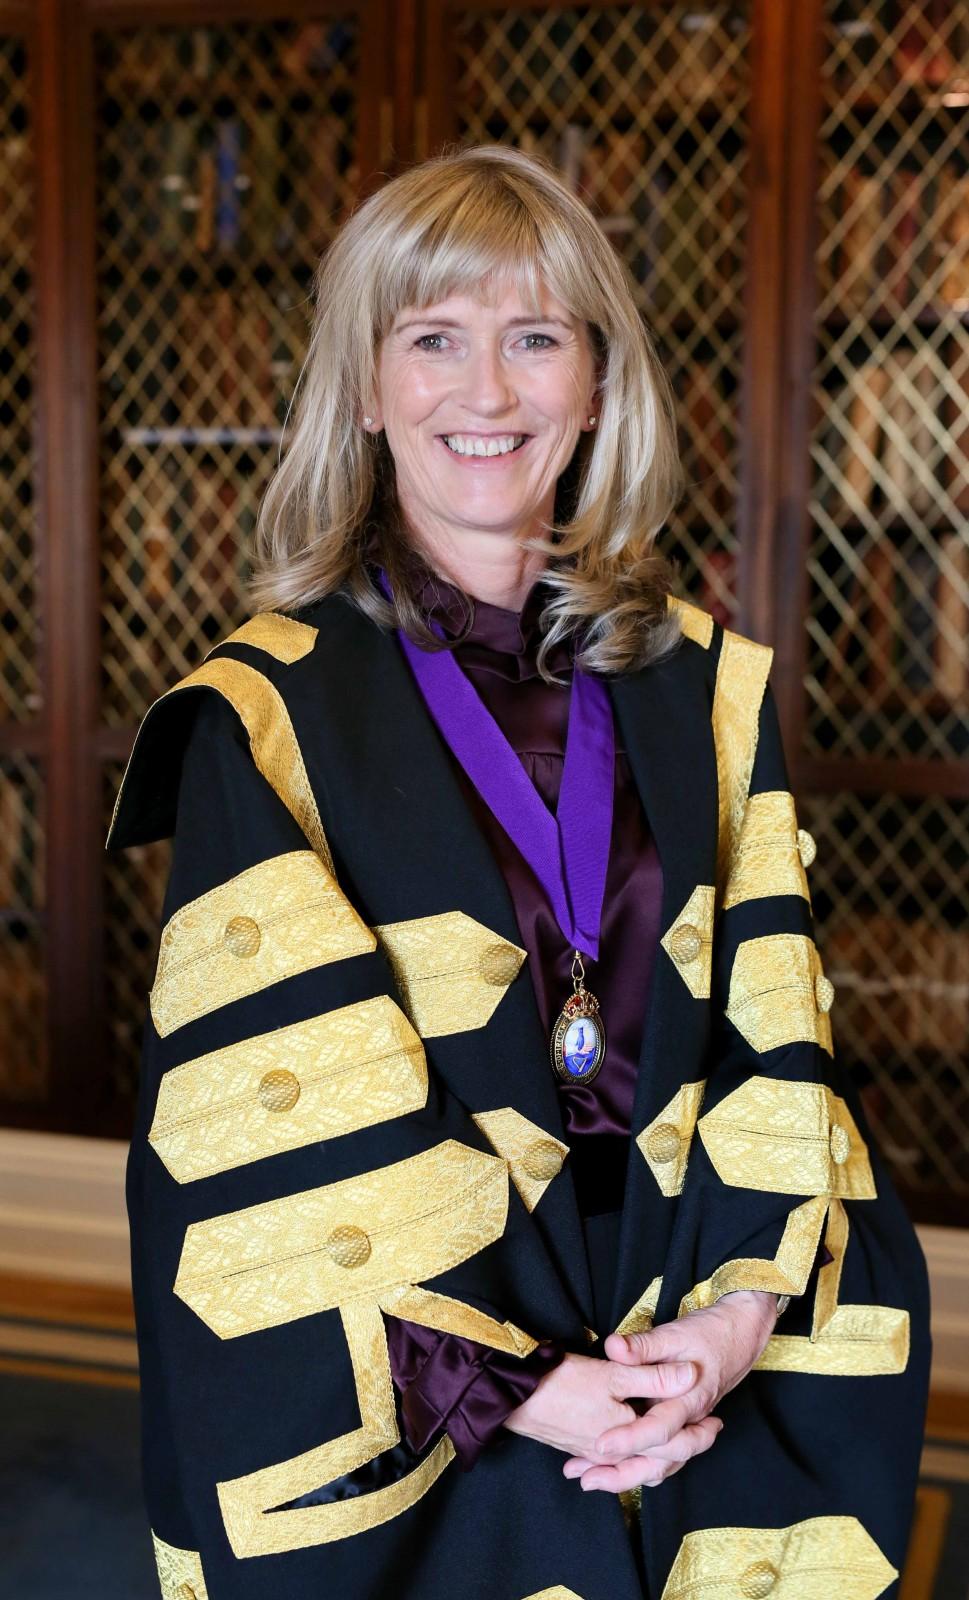 RCPI President Mary Horgan